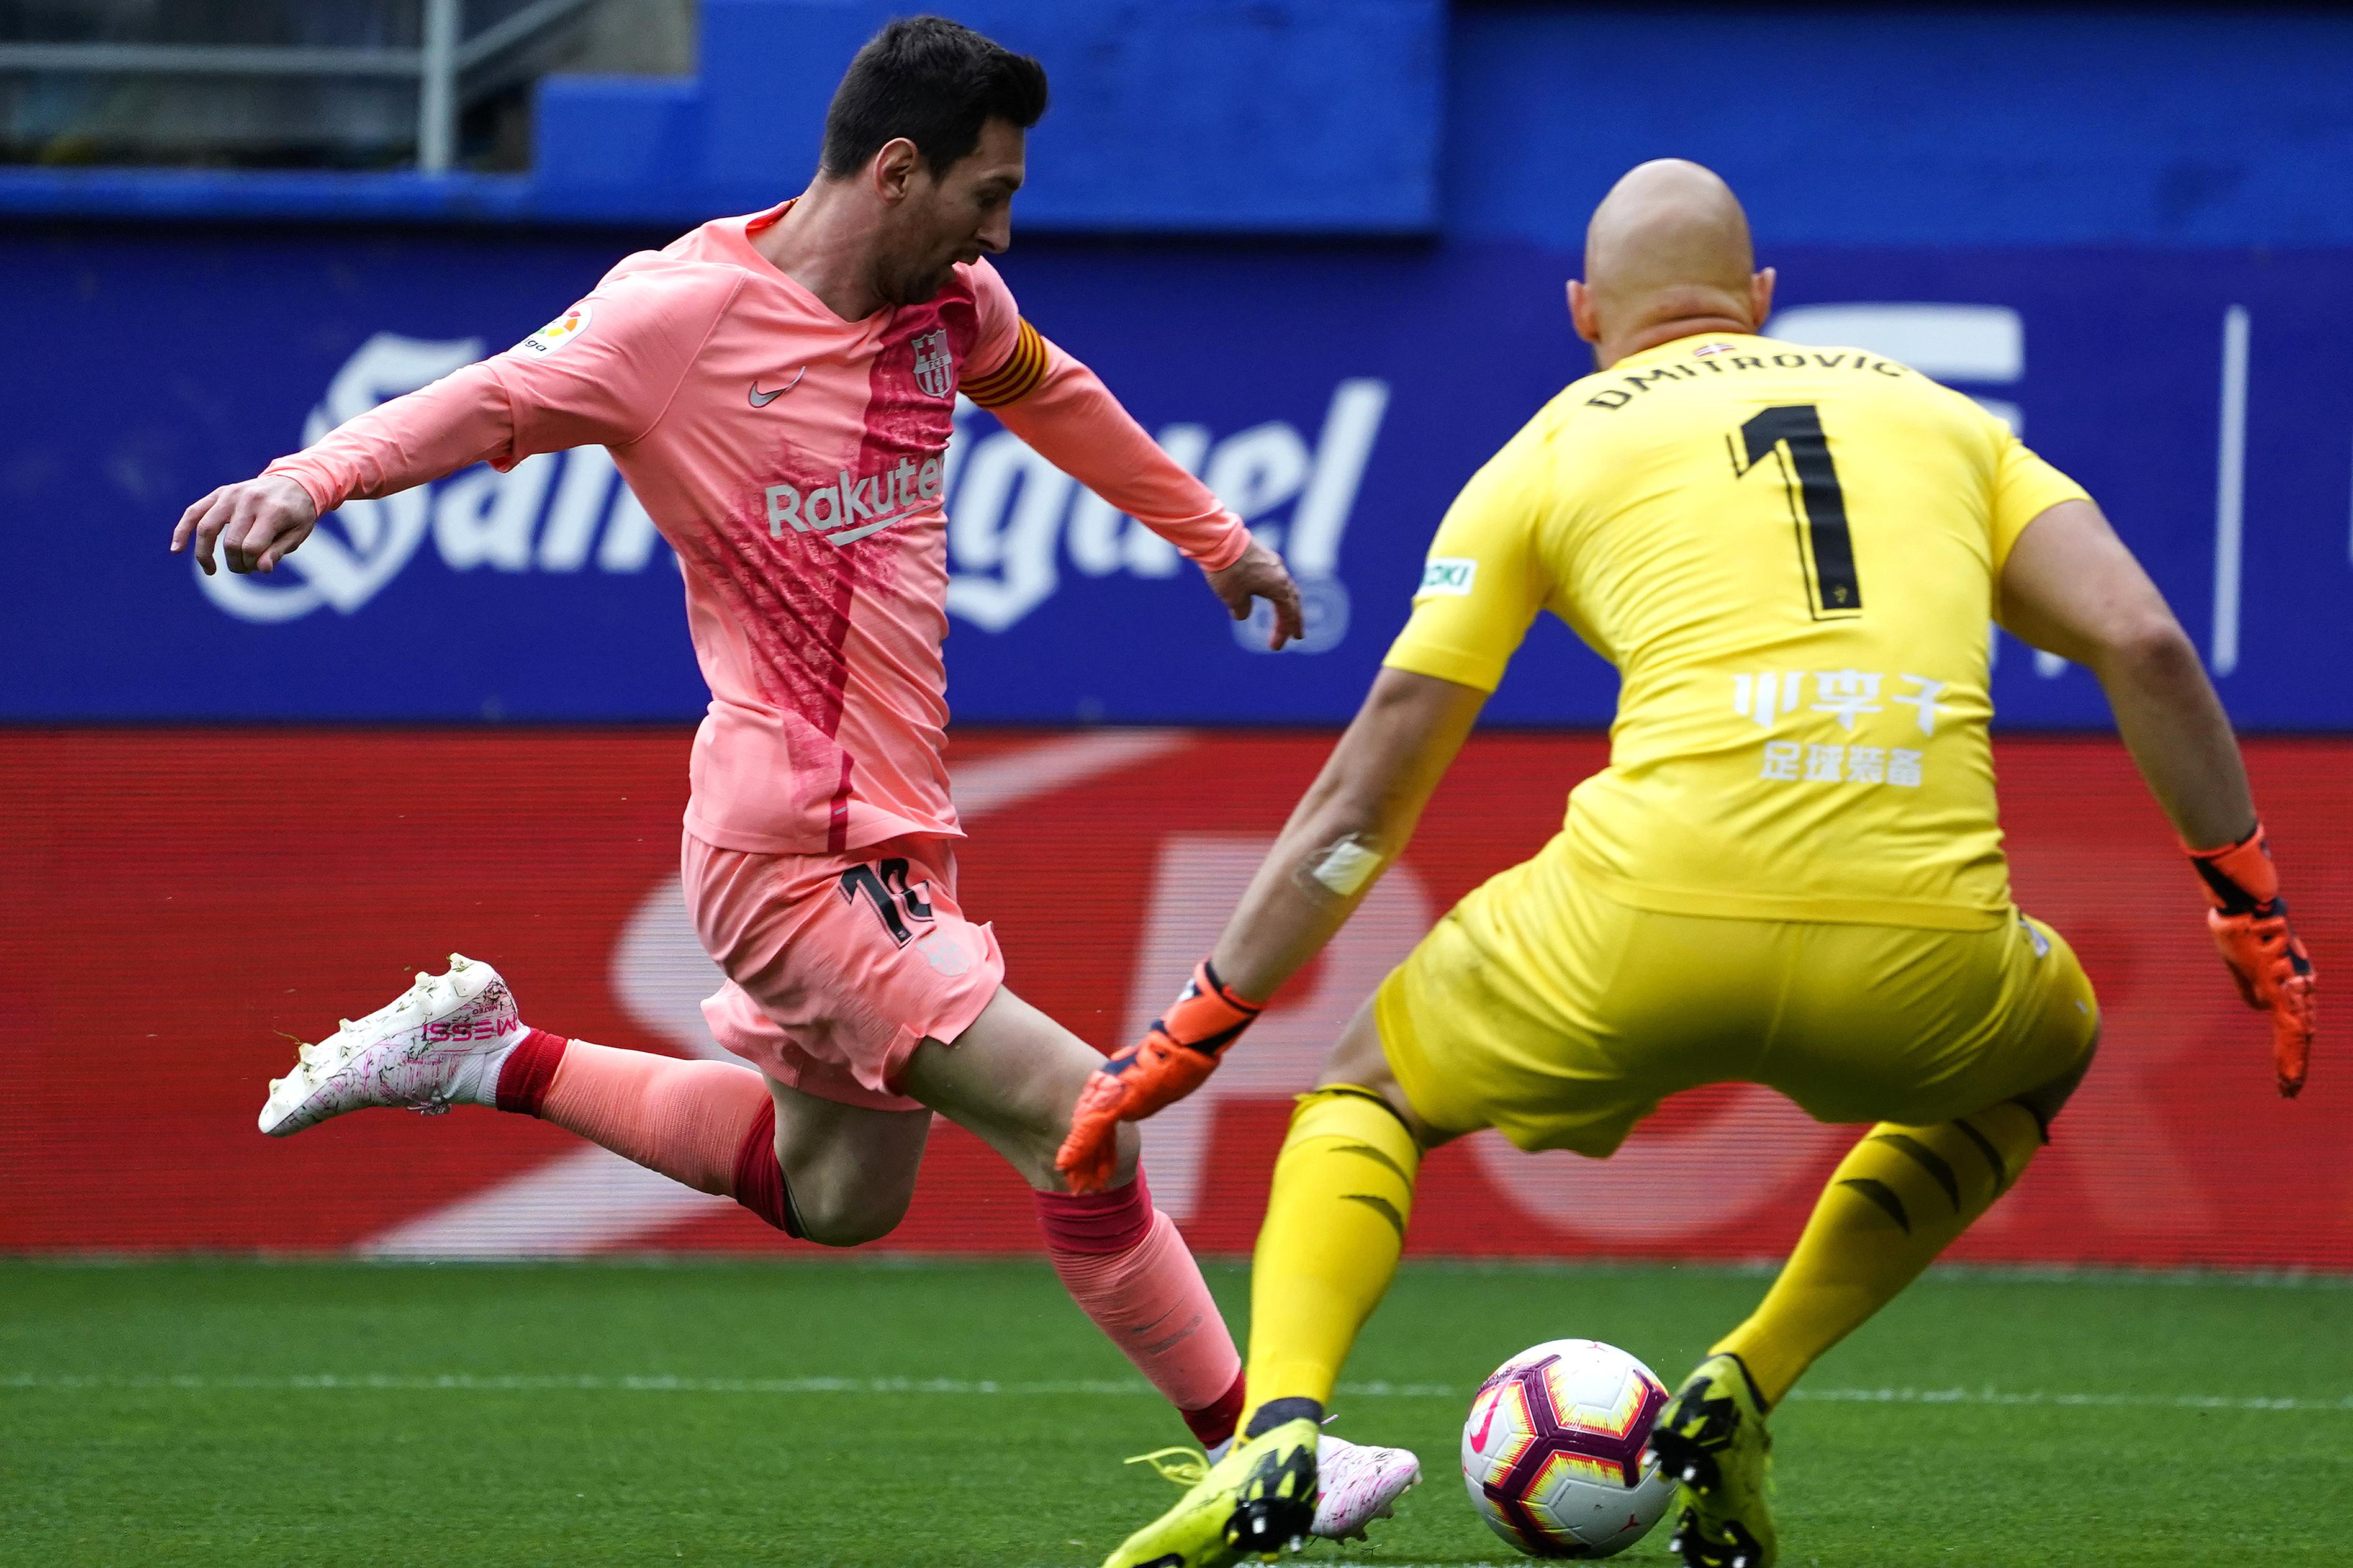 لاعب برشلونة ليونيل ميسي خلال المباراة أمام فريق إيبار